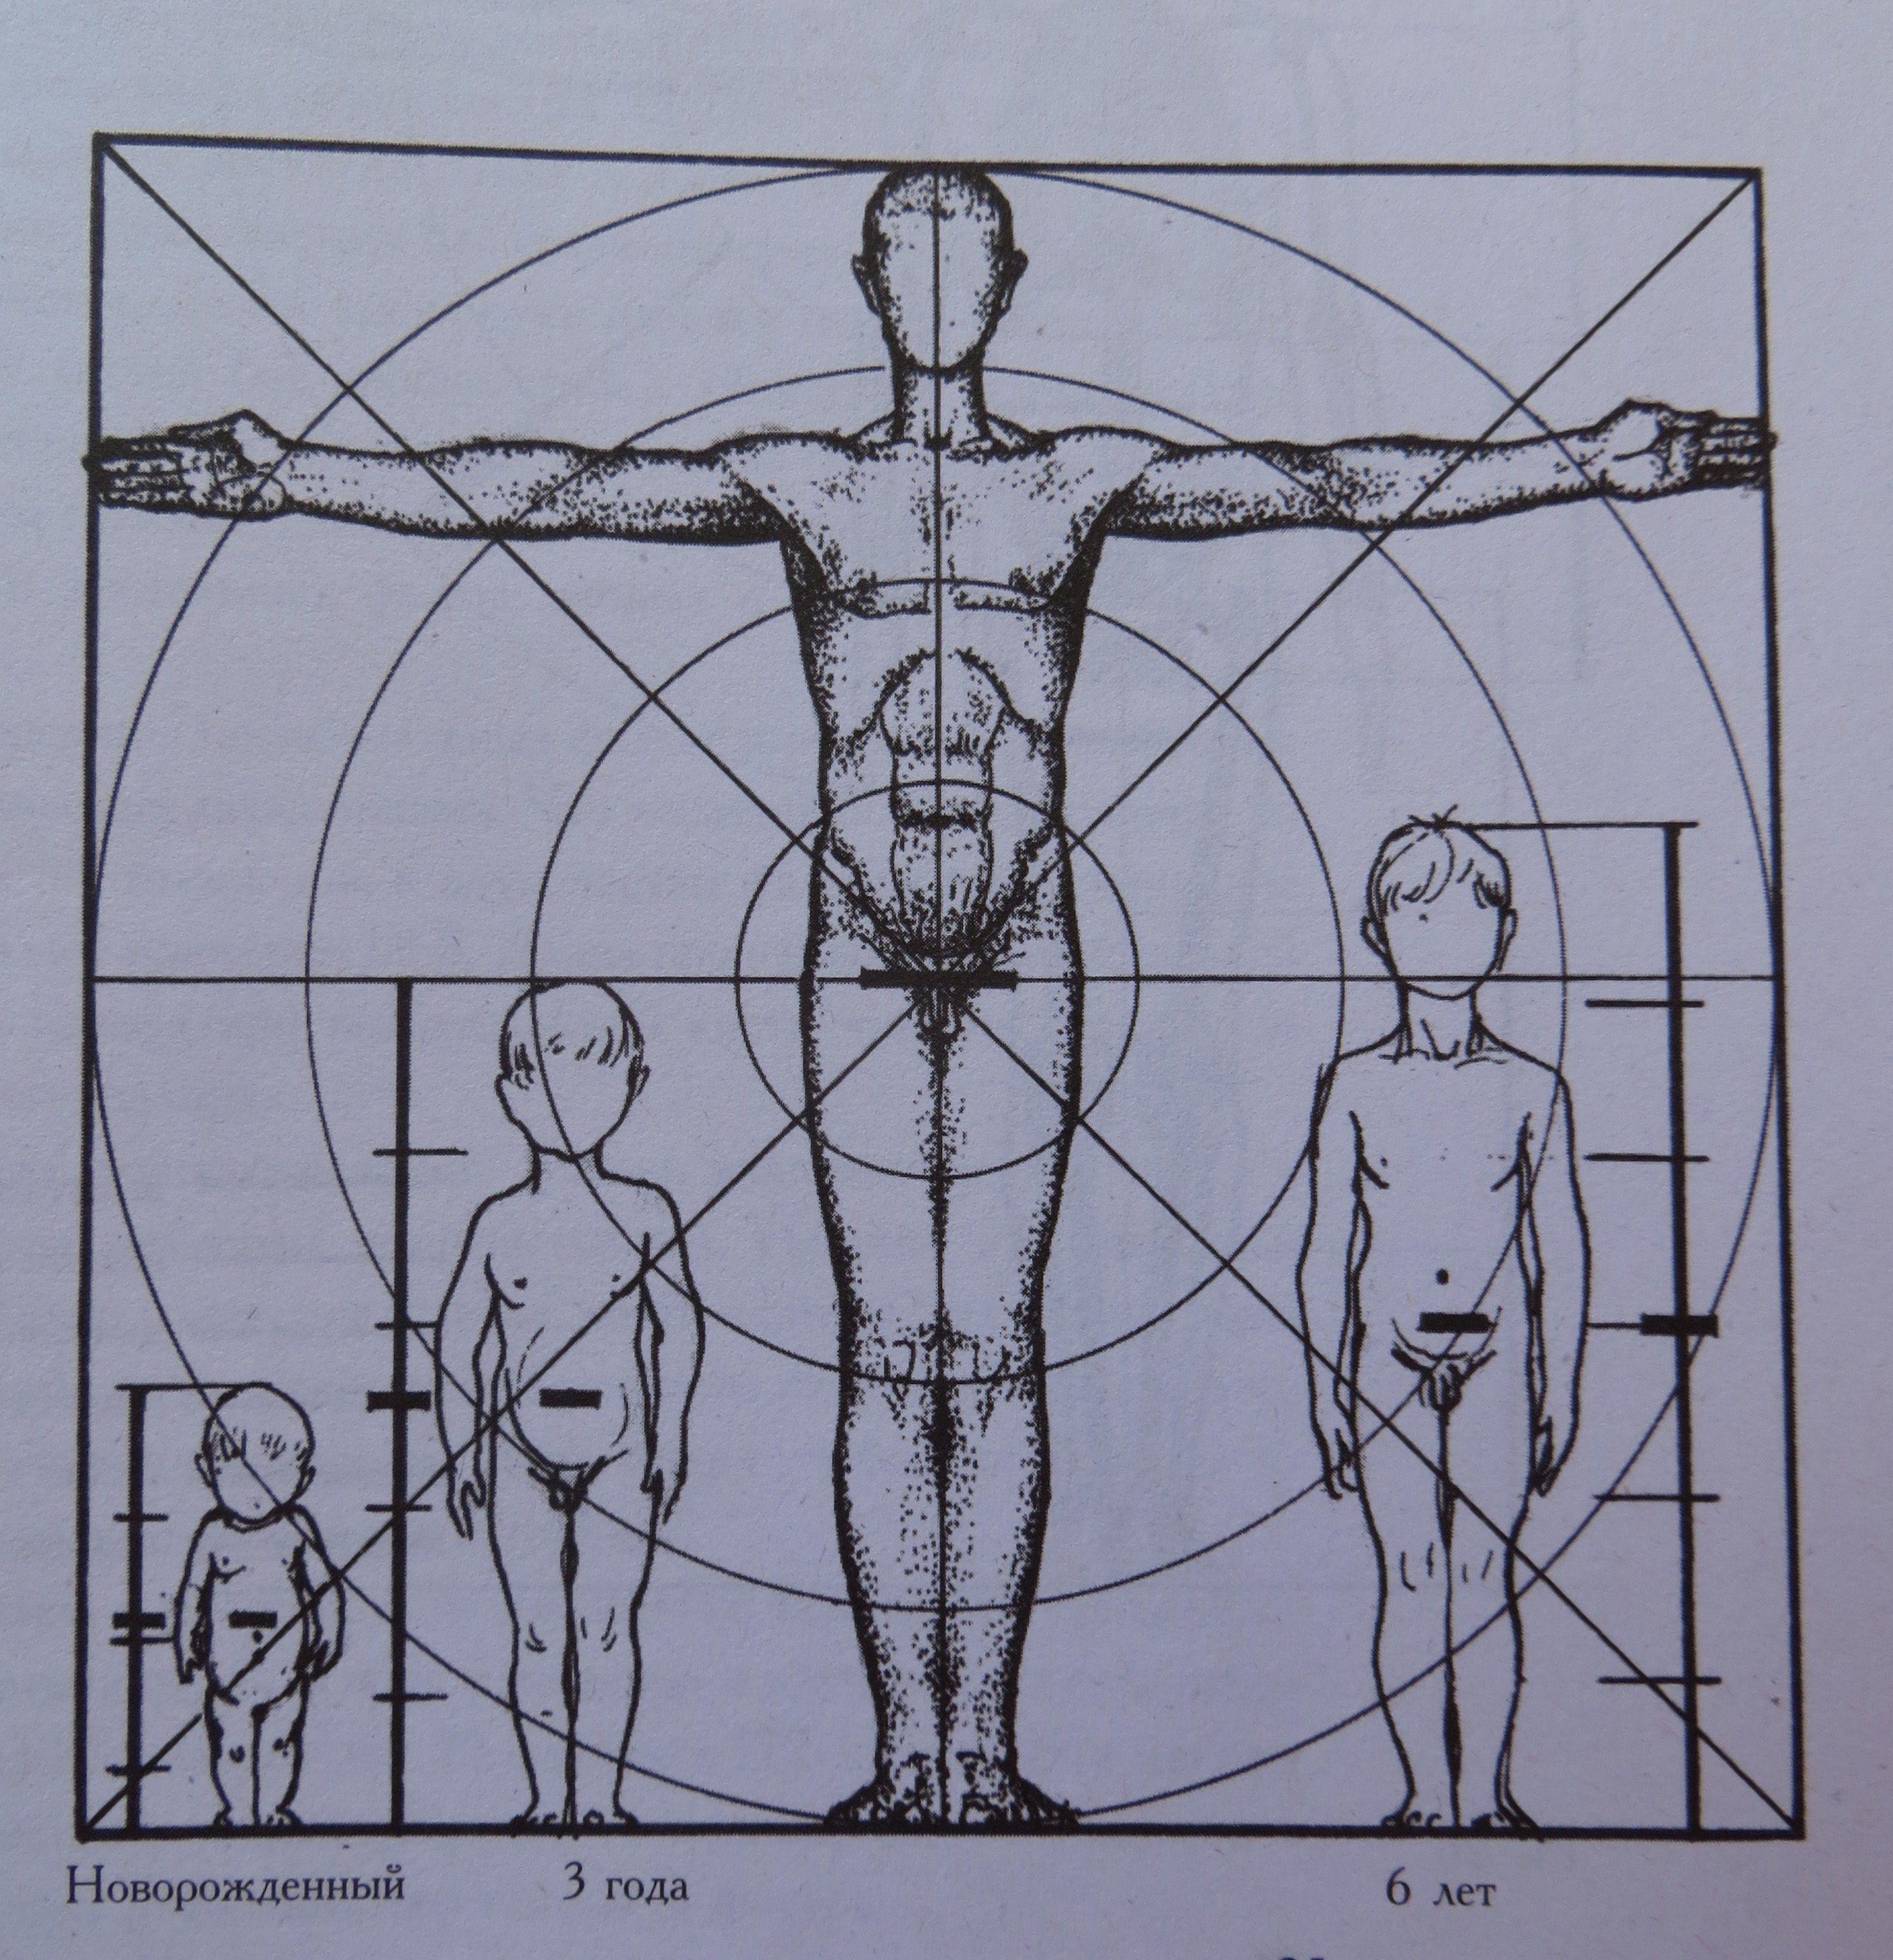 ним описаны пропорции человека относительно головы фото уютного оформления